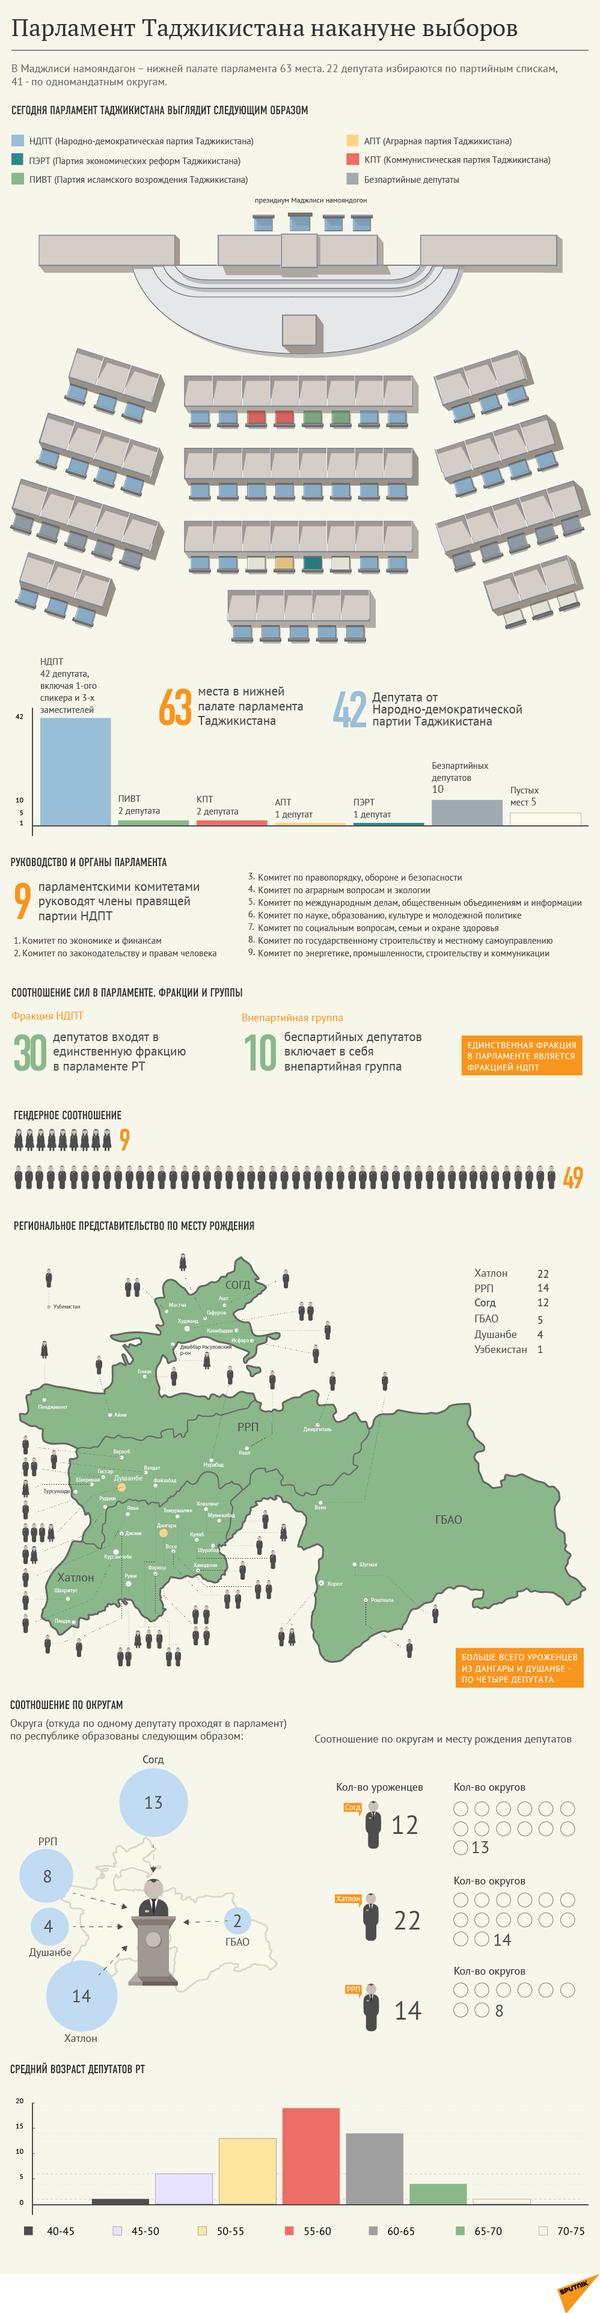 Парламент Таджикистана накануне выборов. Инфографика - Sputnik Таджикистан